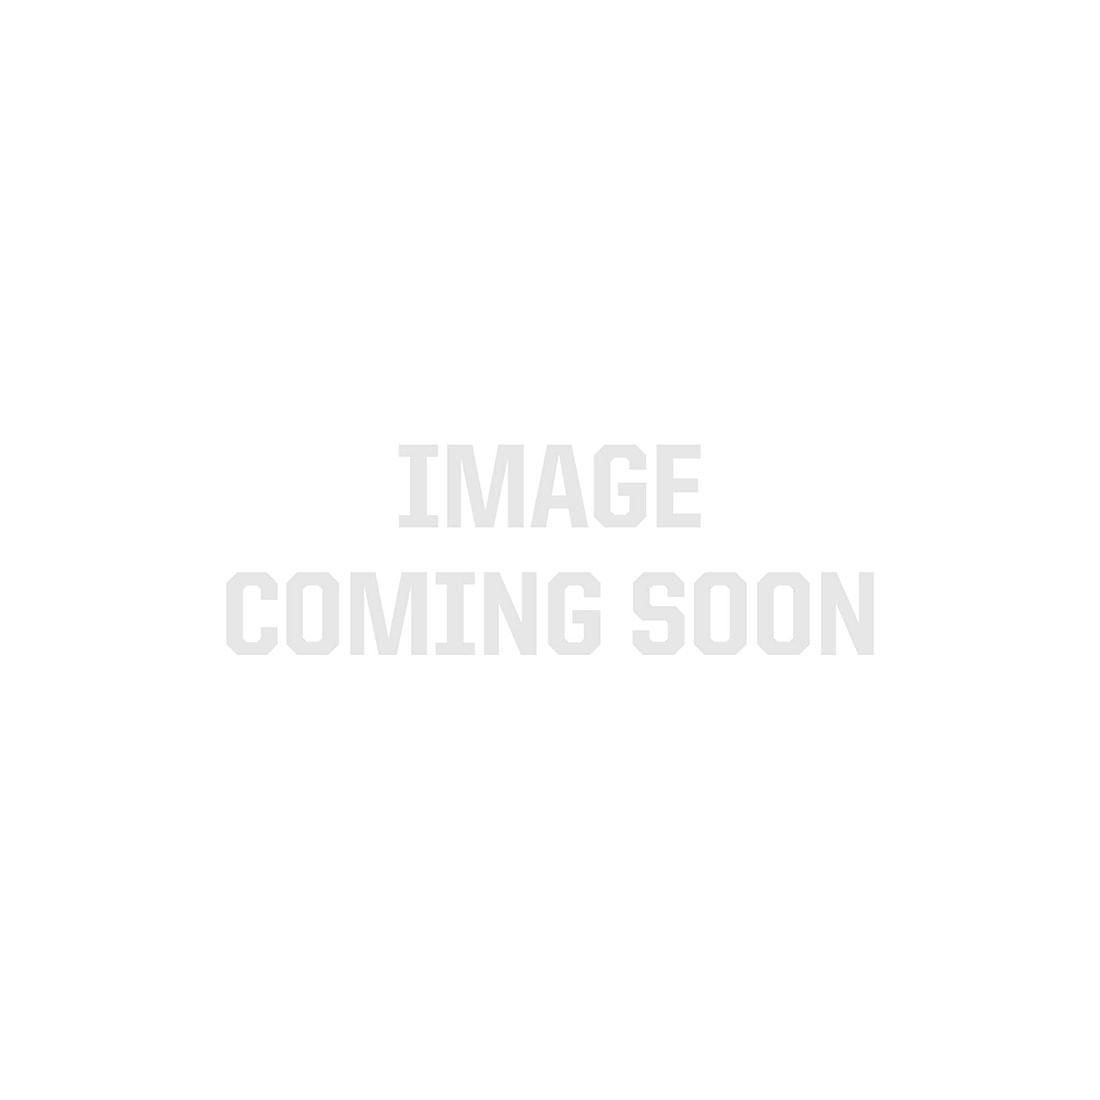 Neutral White 3528 Single Row LED Strip Light, 120/m, 10mm wide, Sample Kit